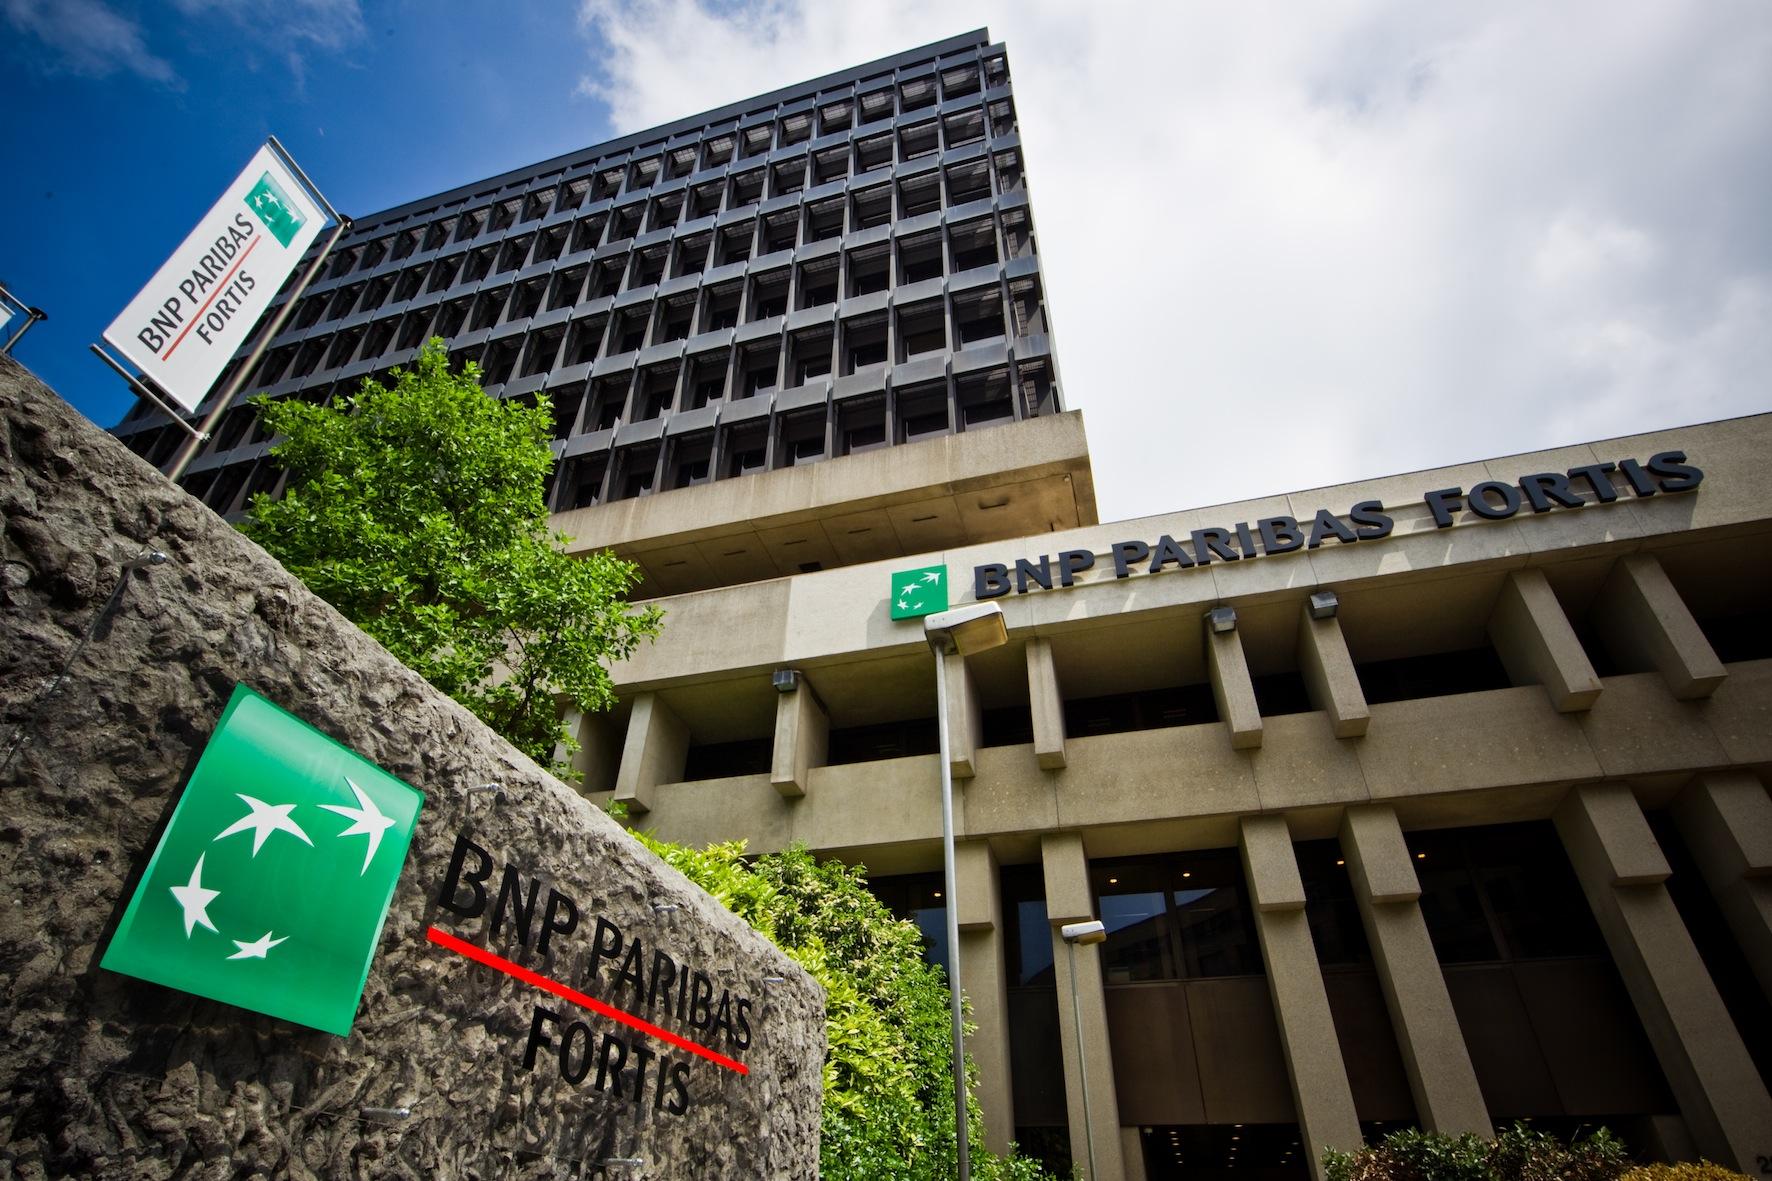 Plus grandes banques